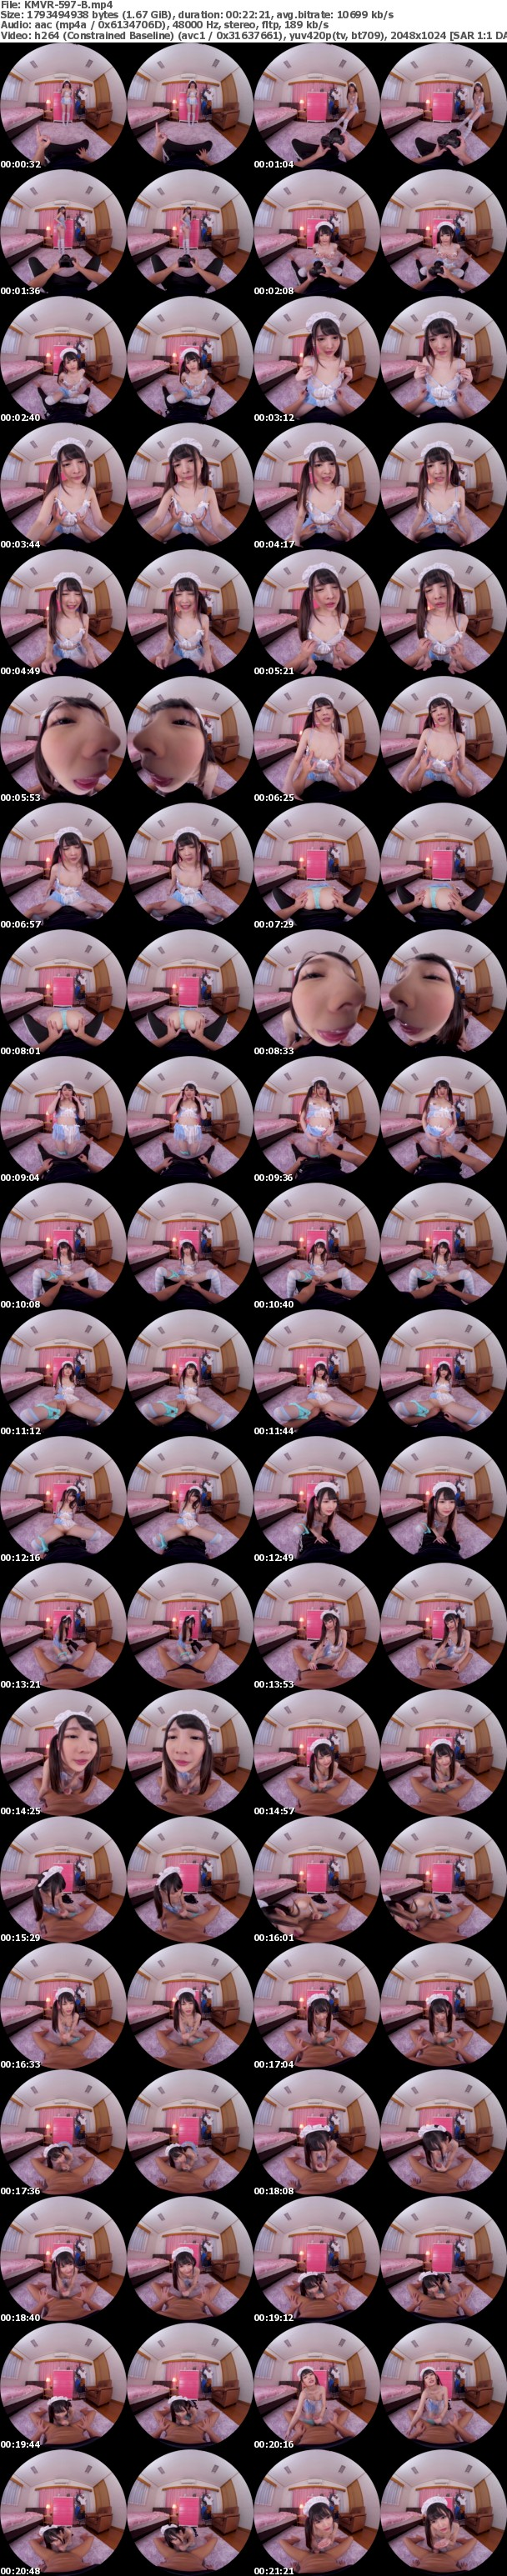 (VR) KMVR-597 10年に一人の美少女萌コスレイヤーがあなたの彼女!イチャイチャ撮影しながら可愛すぎるコスプレで行う生ハメ連続中出し撮影会 跡美しゅり